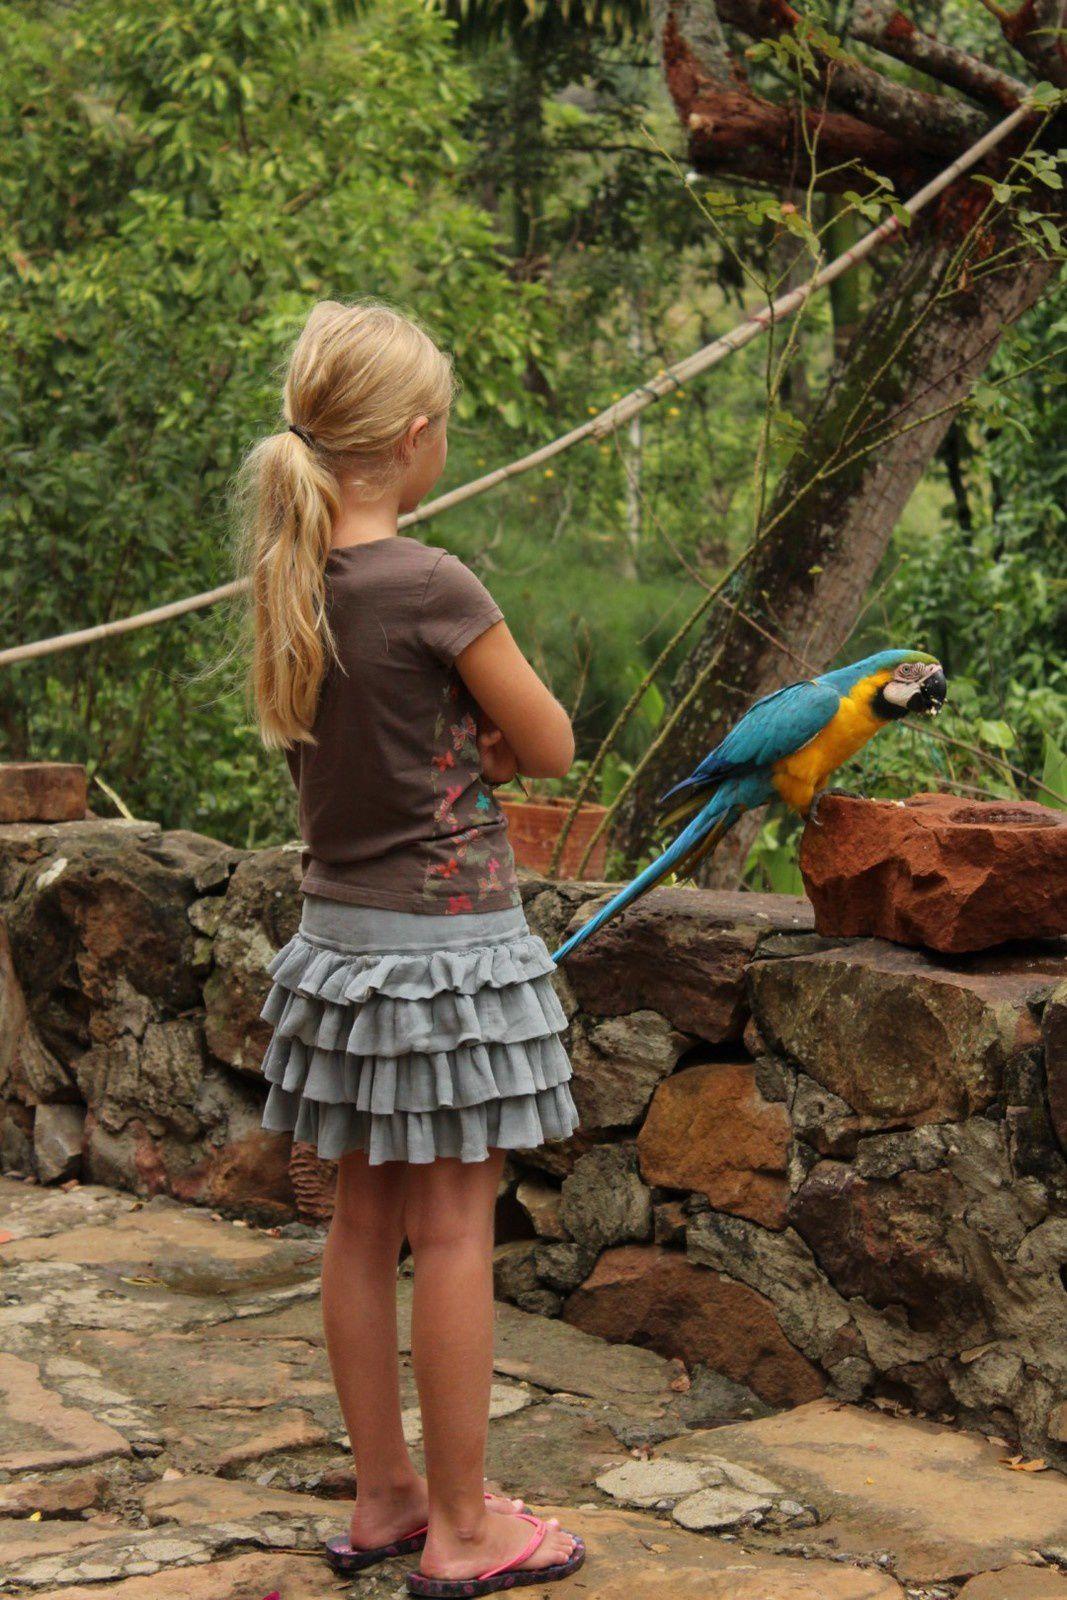 Les perroquets sont quelques peu agressifs si tu ne discutent pas avec eux, ils te proposent de la coco, du cacao, t'appelent maman...et te harcellent à longueur de journée!